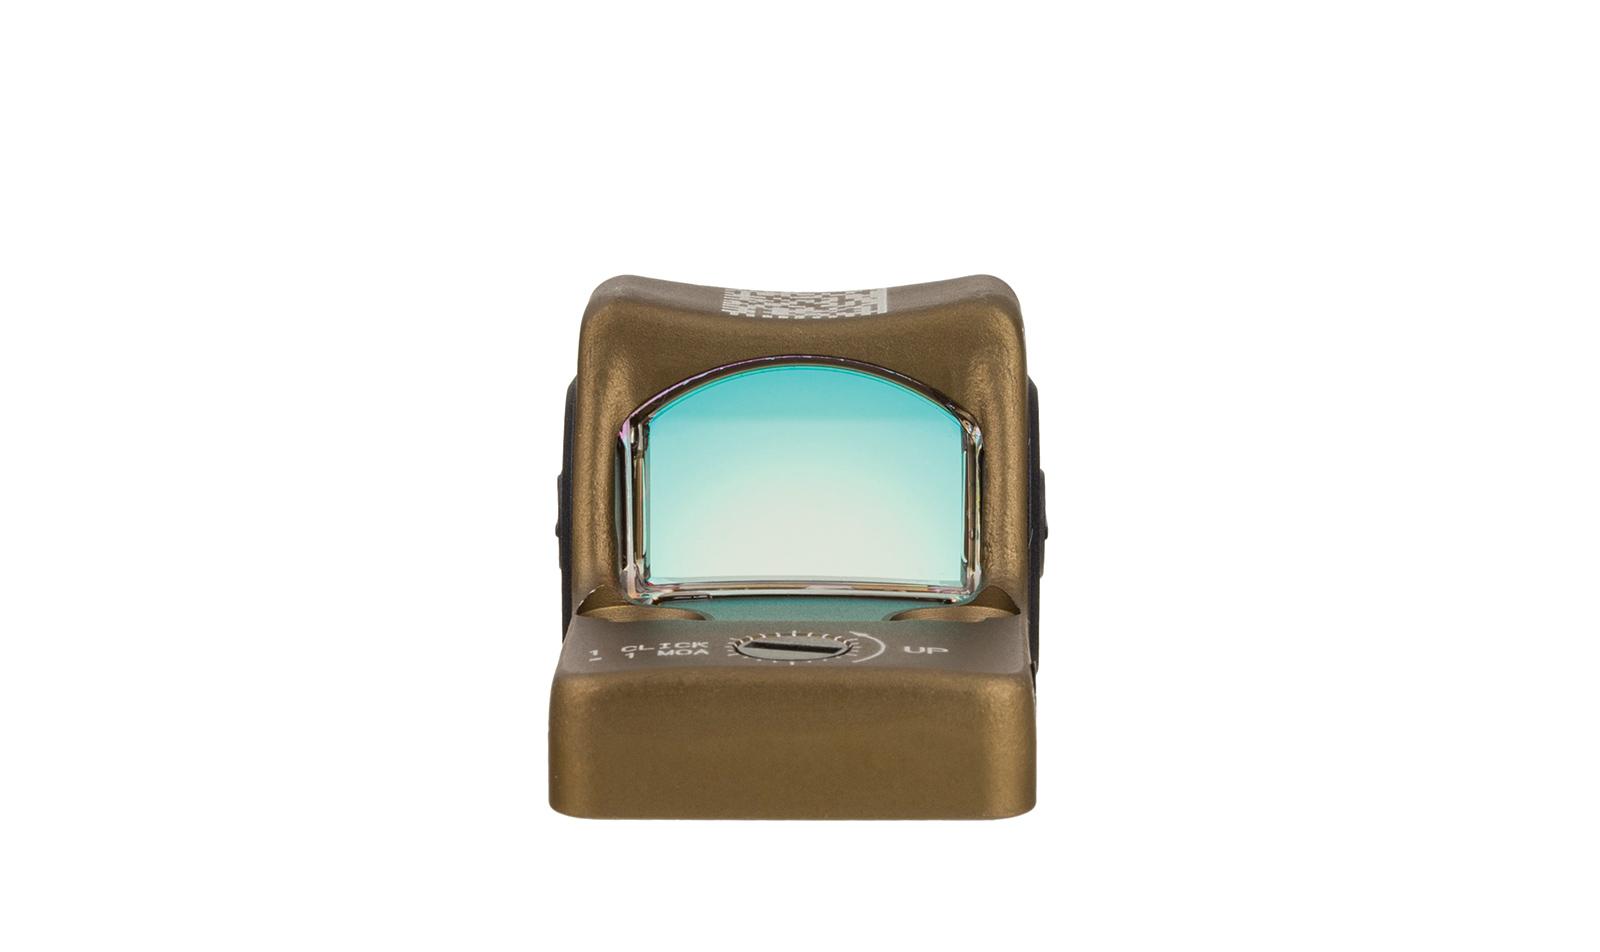 RM06-C-700780 angle 4